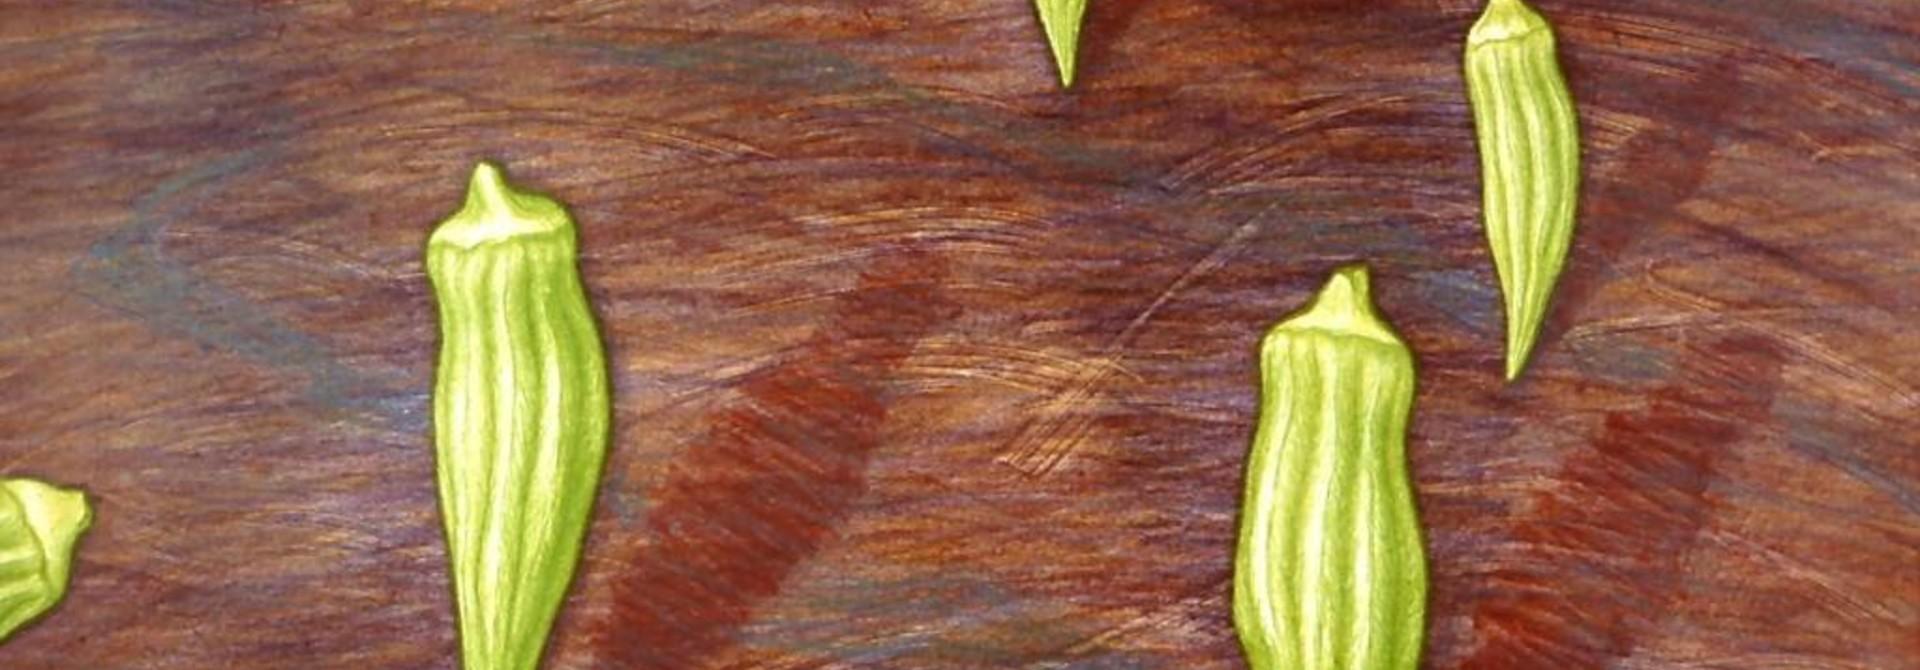 A Field of Okra